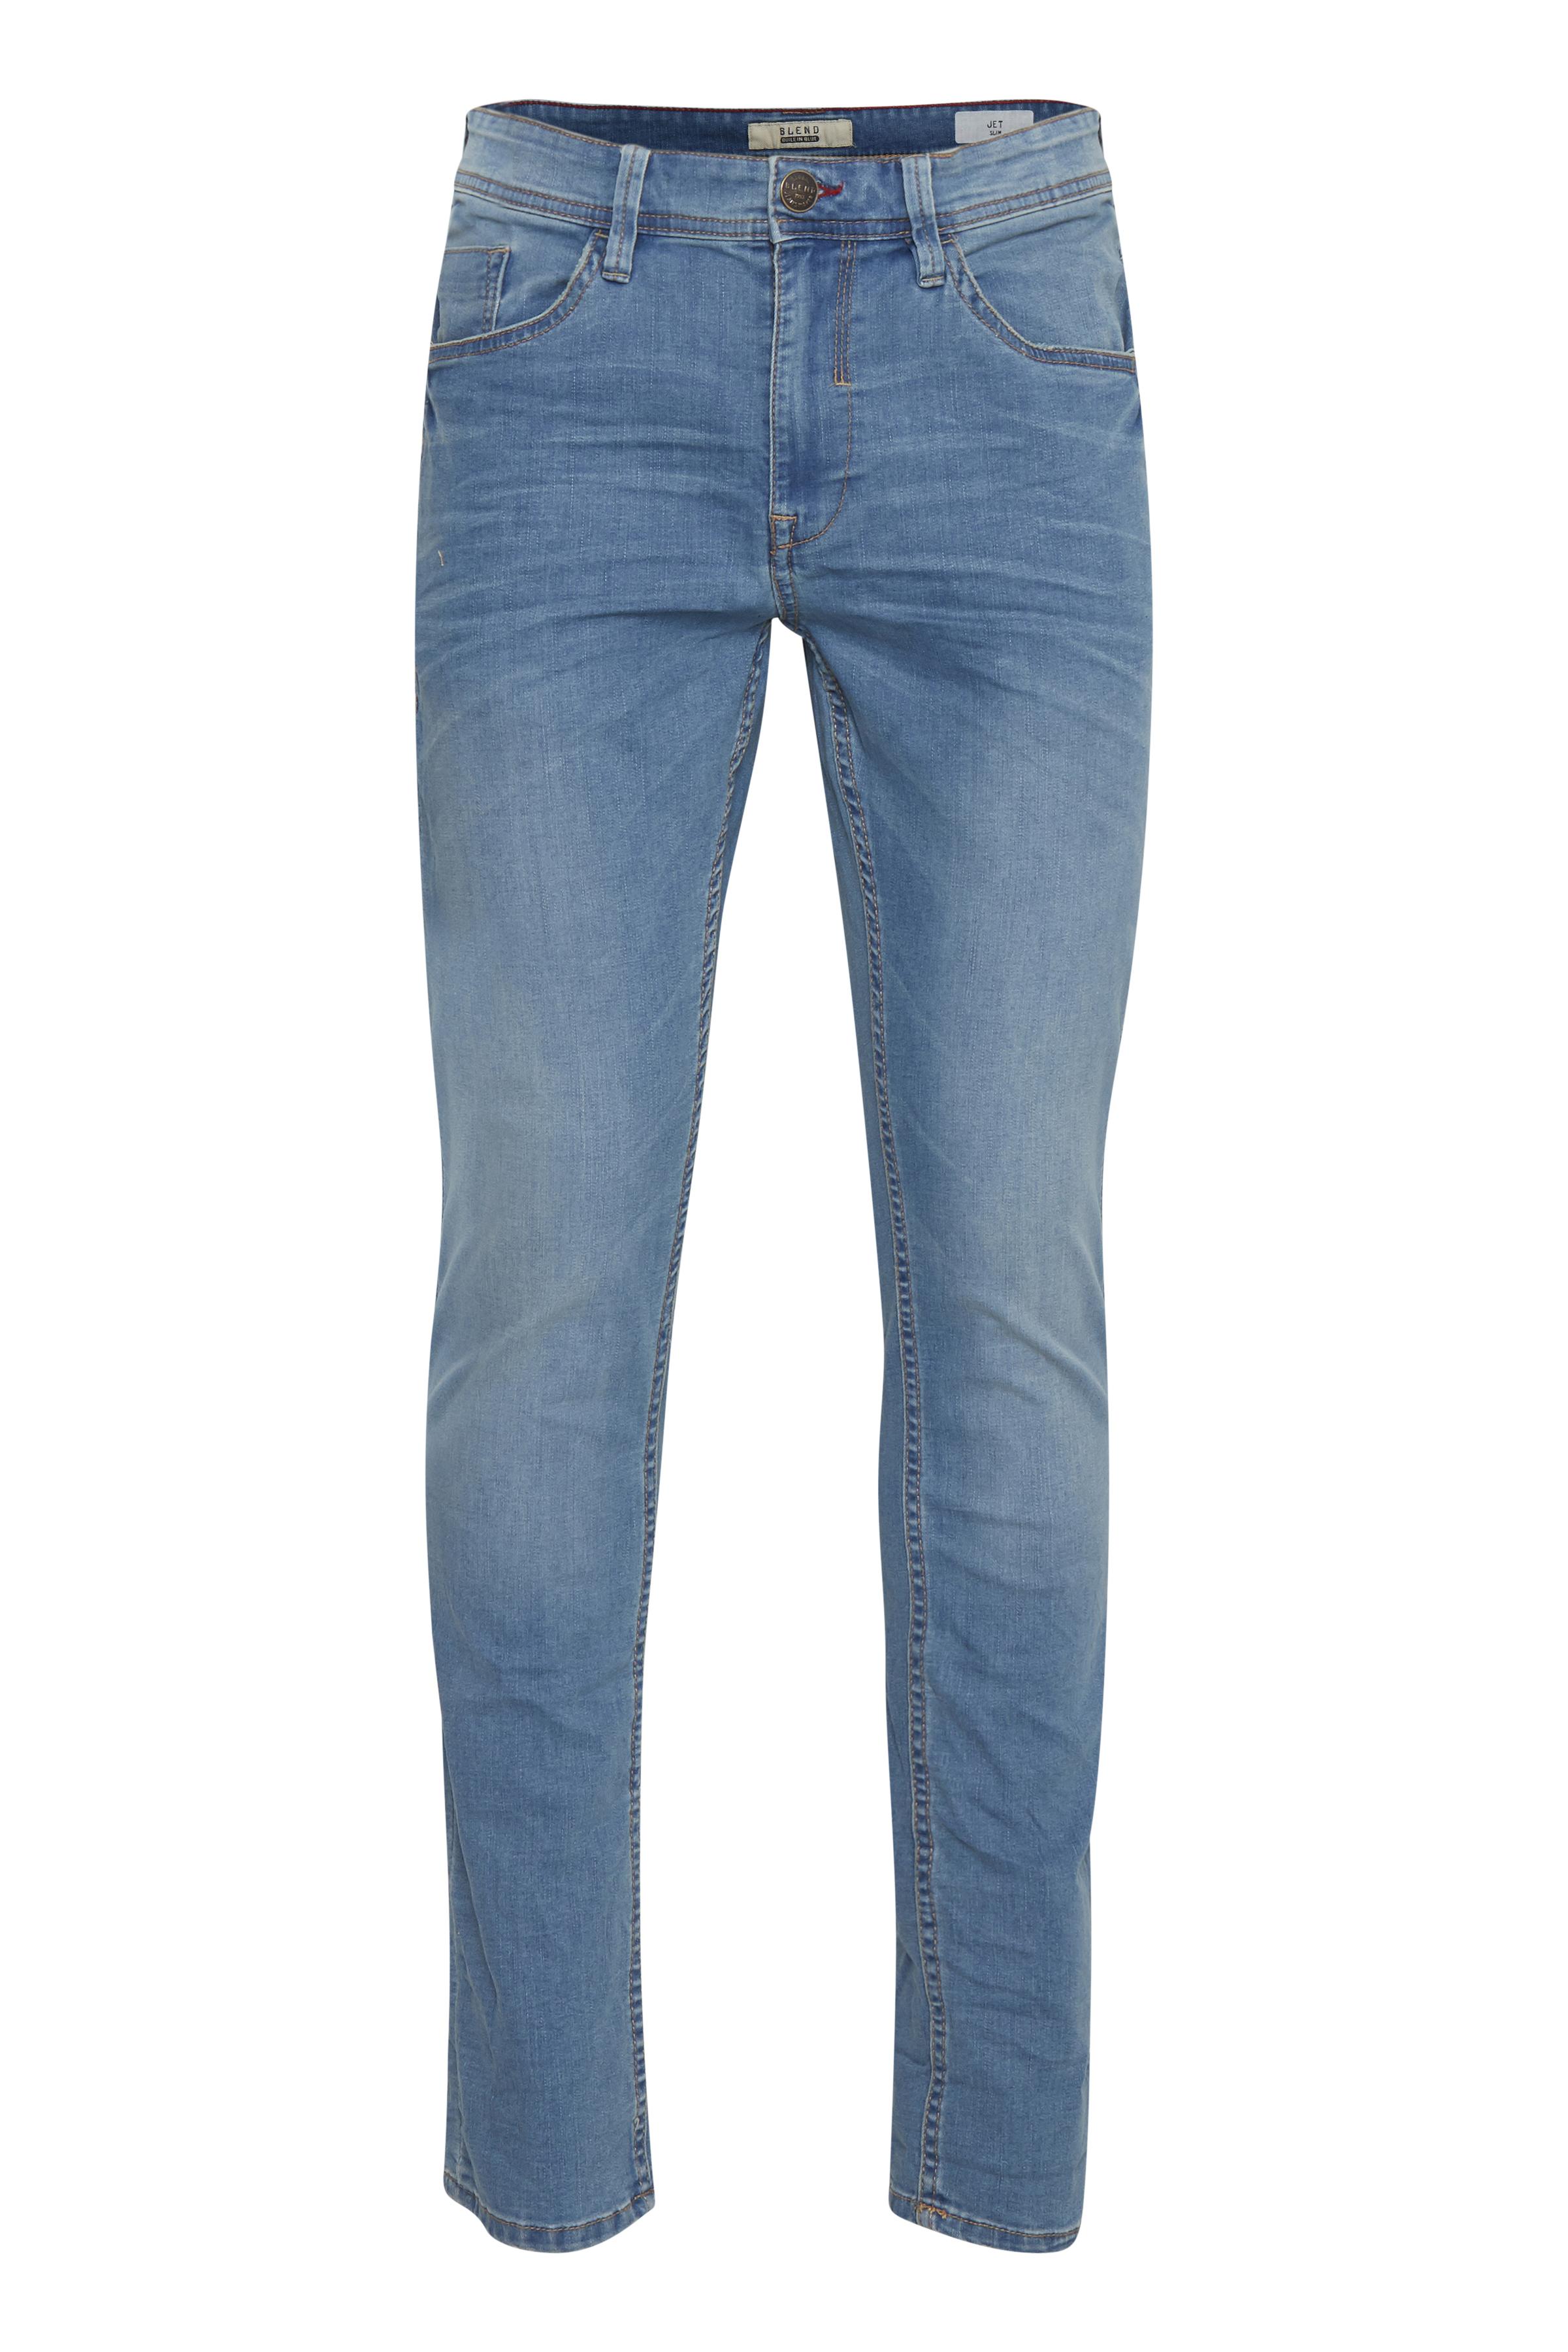 Image of Blend He Herre Jeans - Denim lightblue